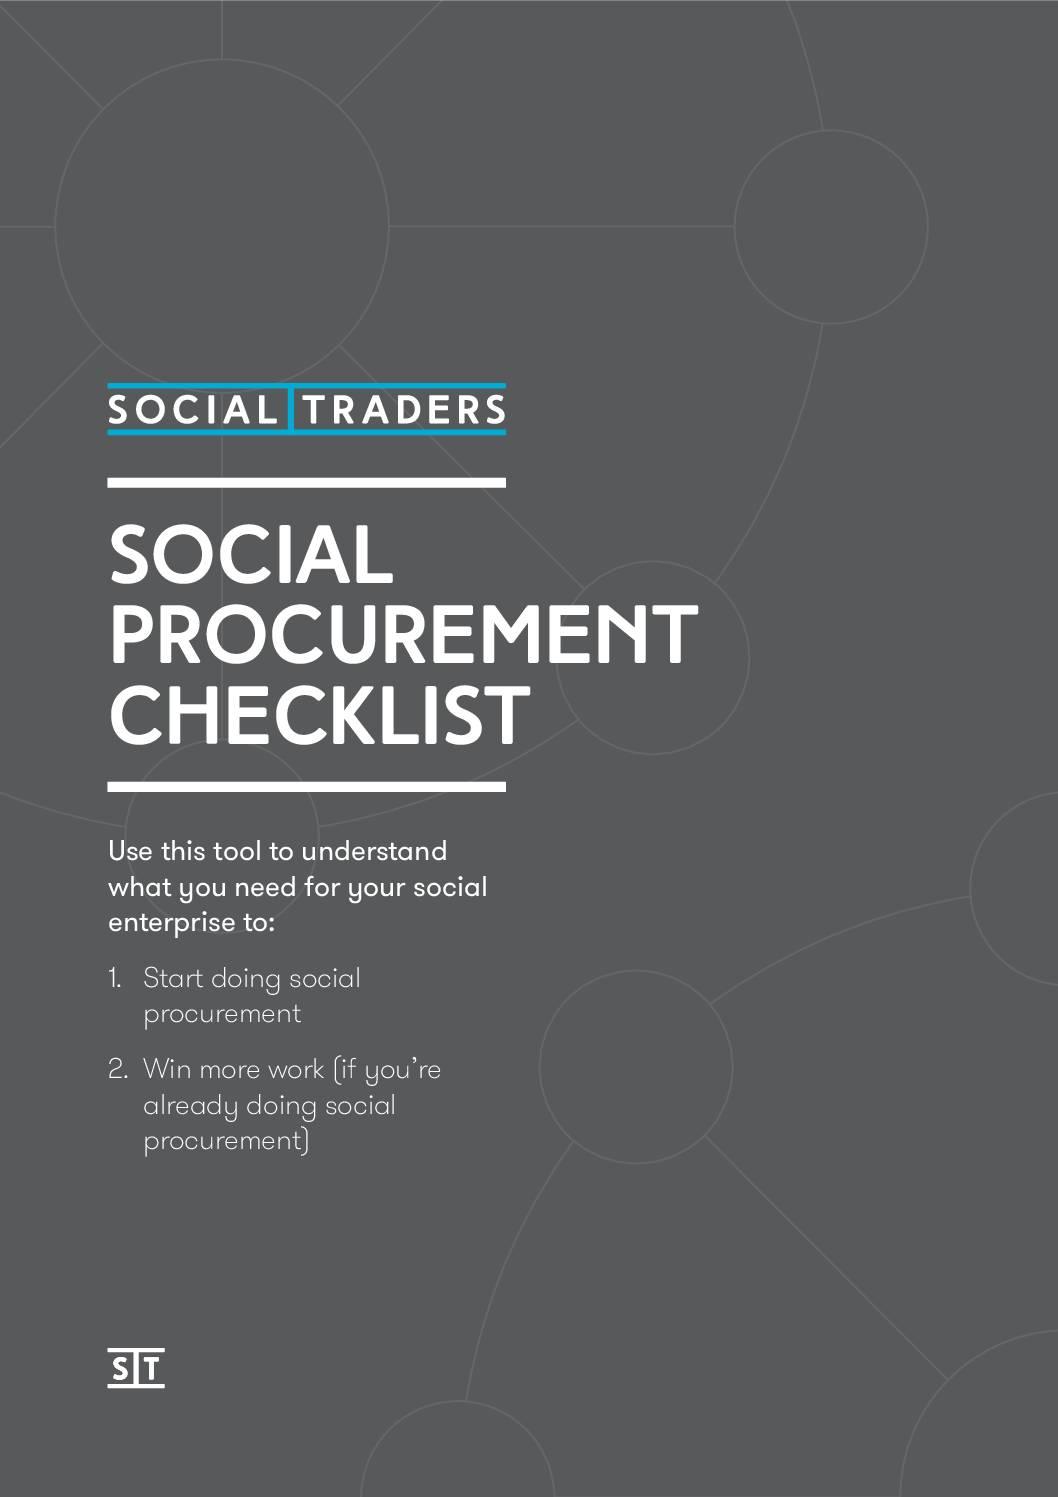 Social Procurement Checklist for Social Enterprises